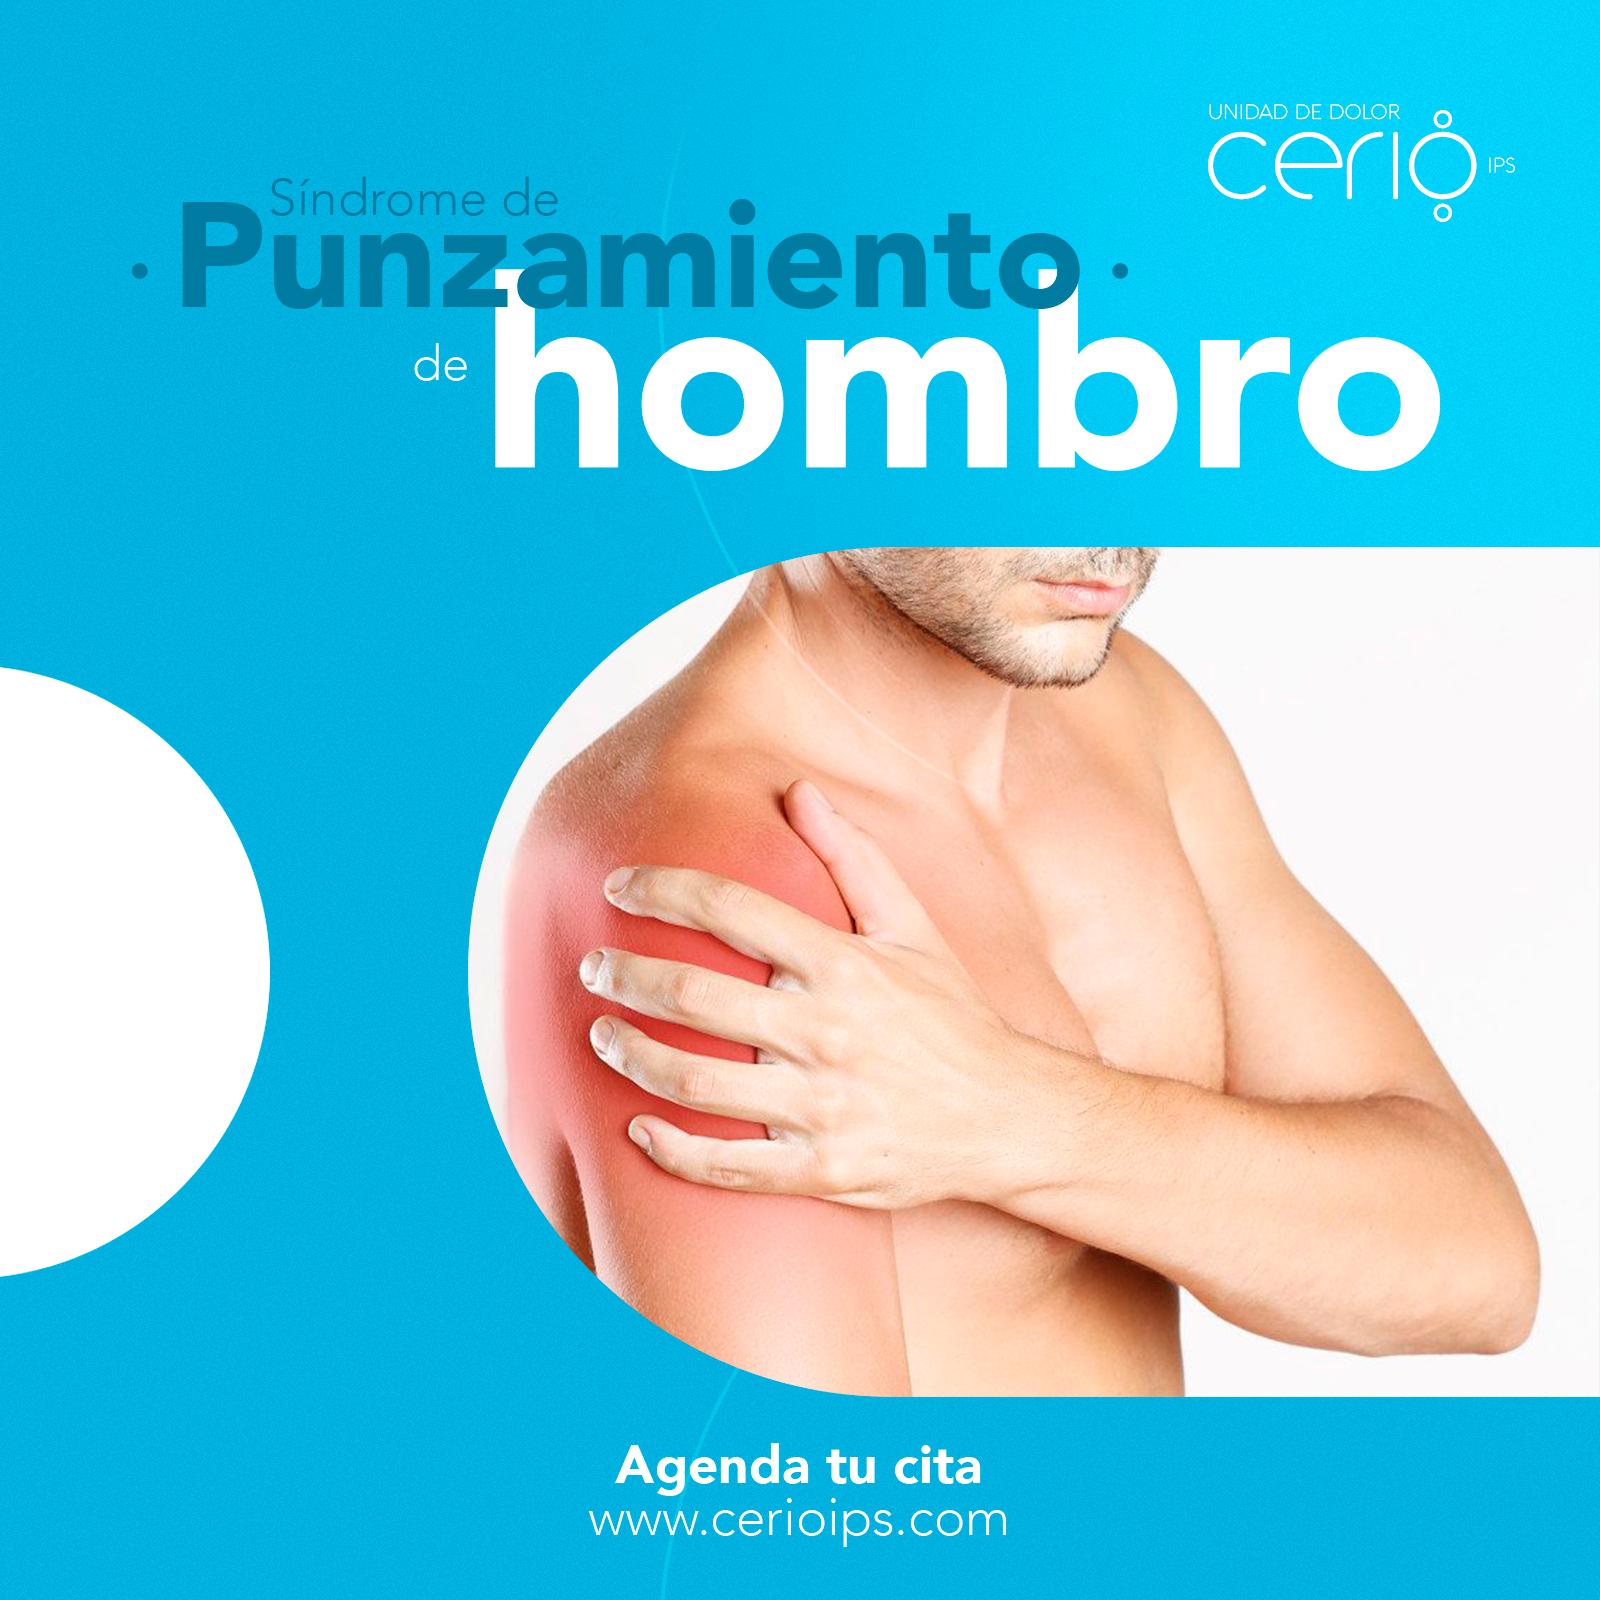 18_04_03_Post_CERIO_Punzamiento_Hombro